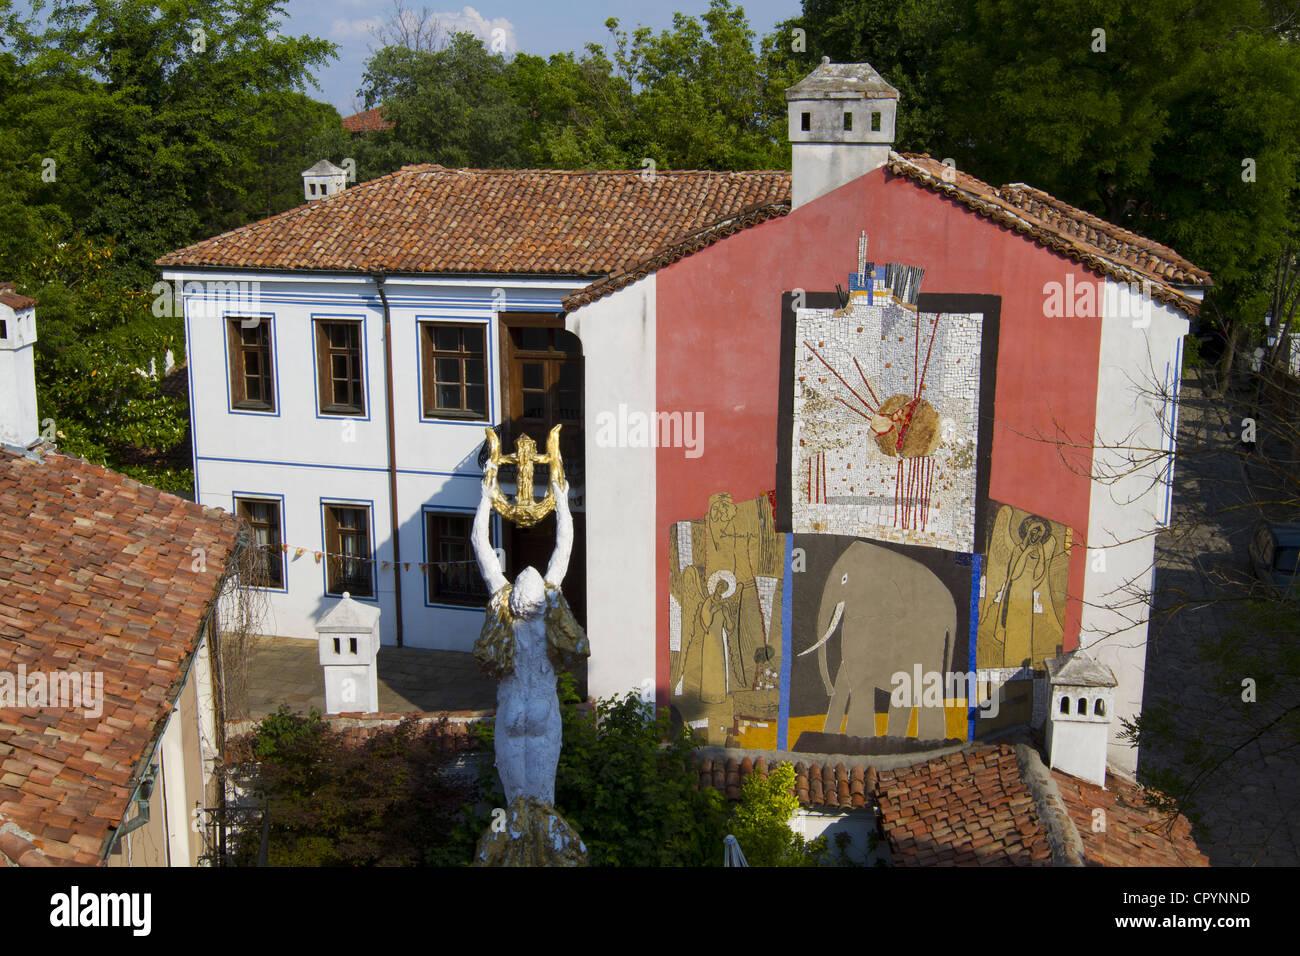 Georgi Bozhilov Slona House, Modern Art Gallery, Old Town, Plovdiv, Bulgaria, Europe - Stock Image